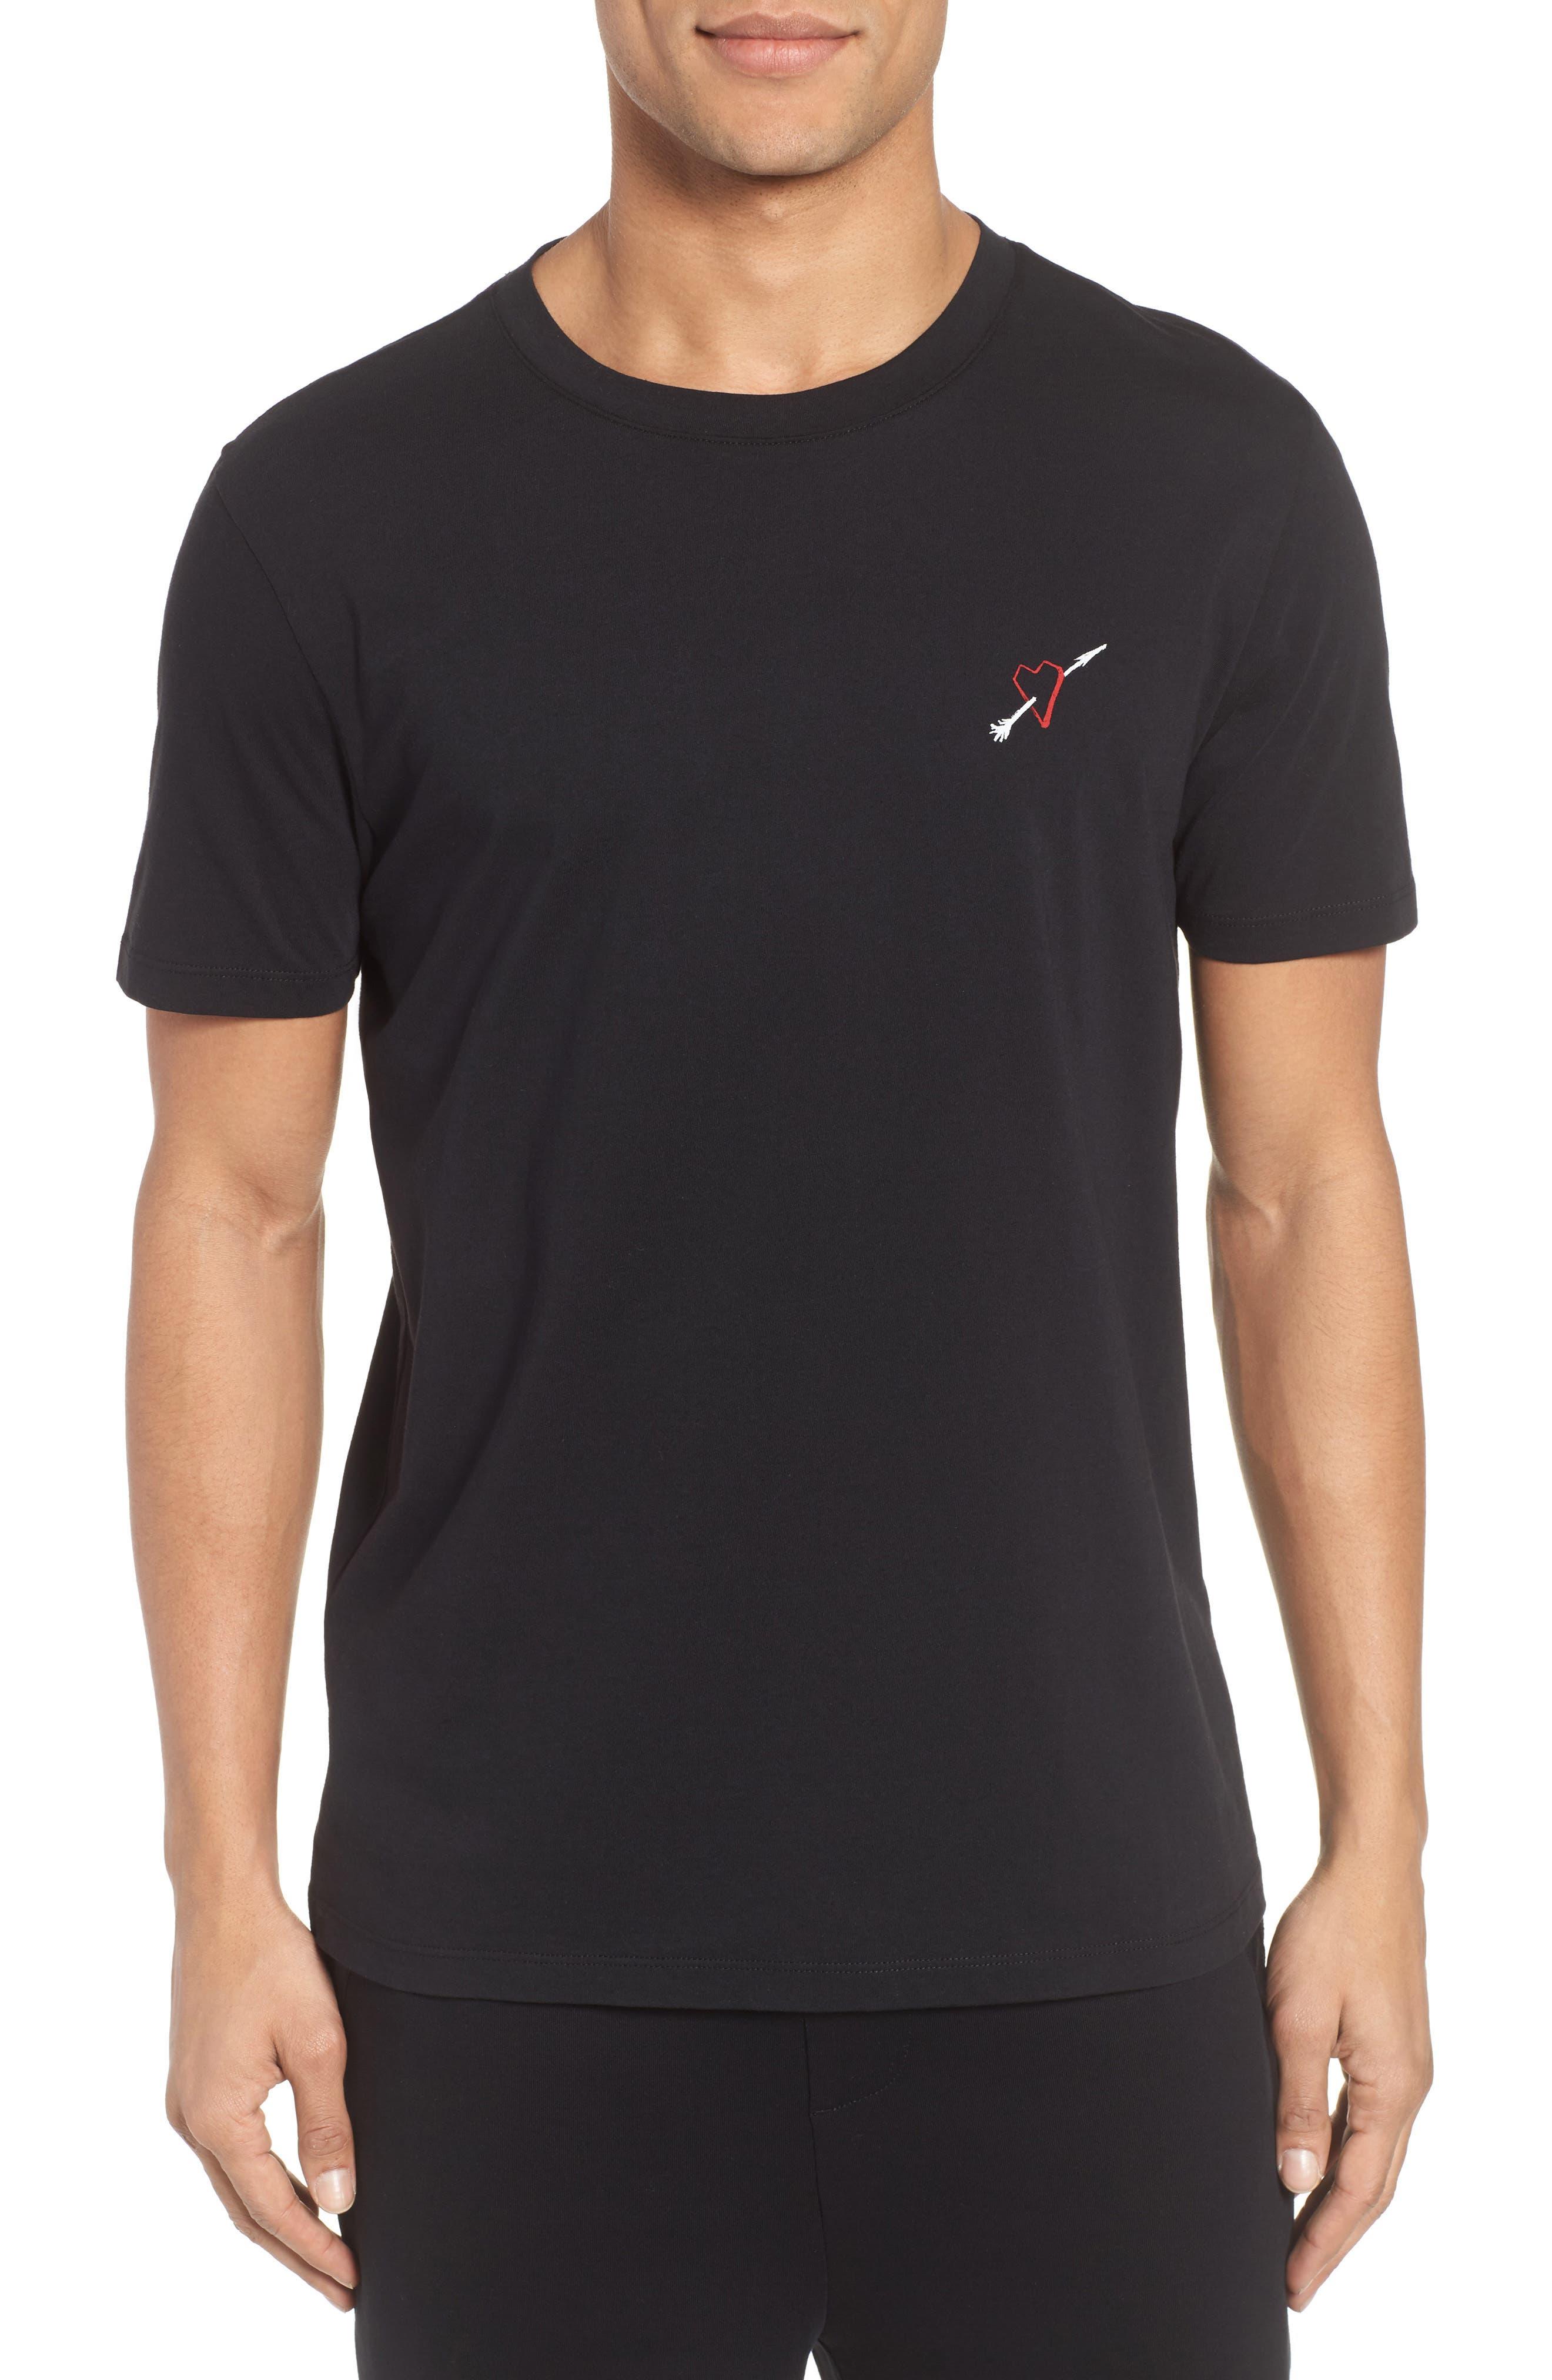 Hugo Boss Dalentine Heart Graphic T-Shirt